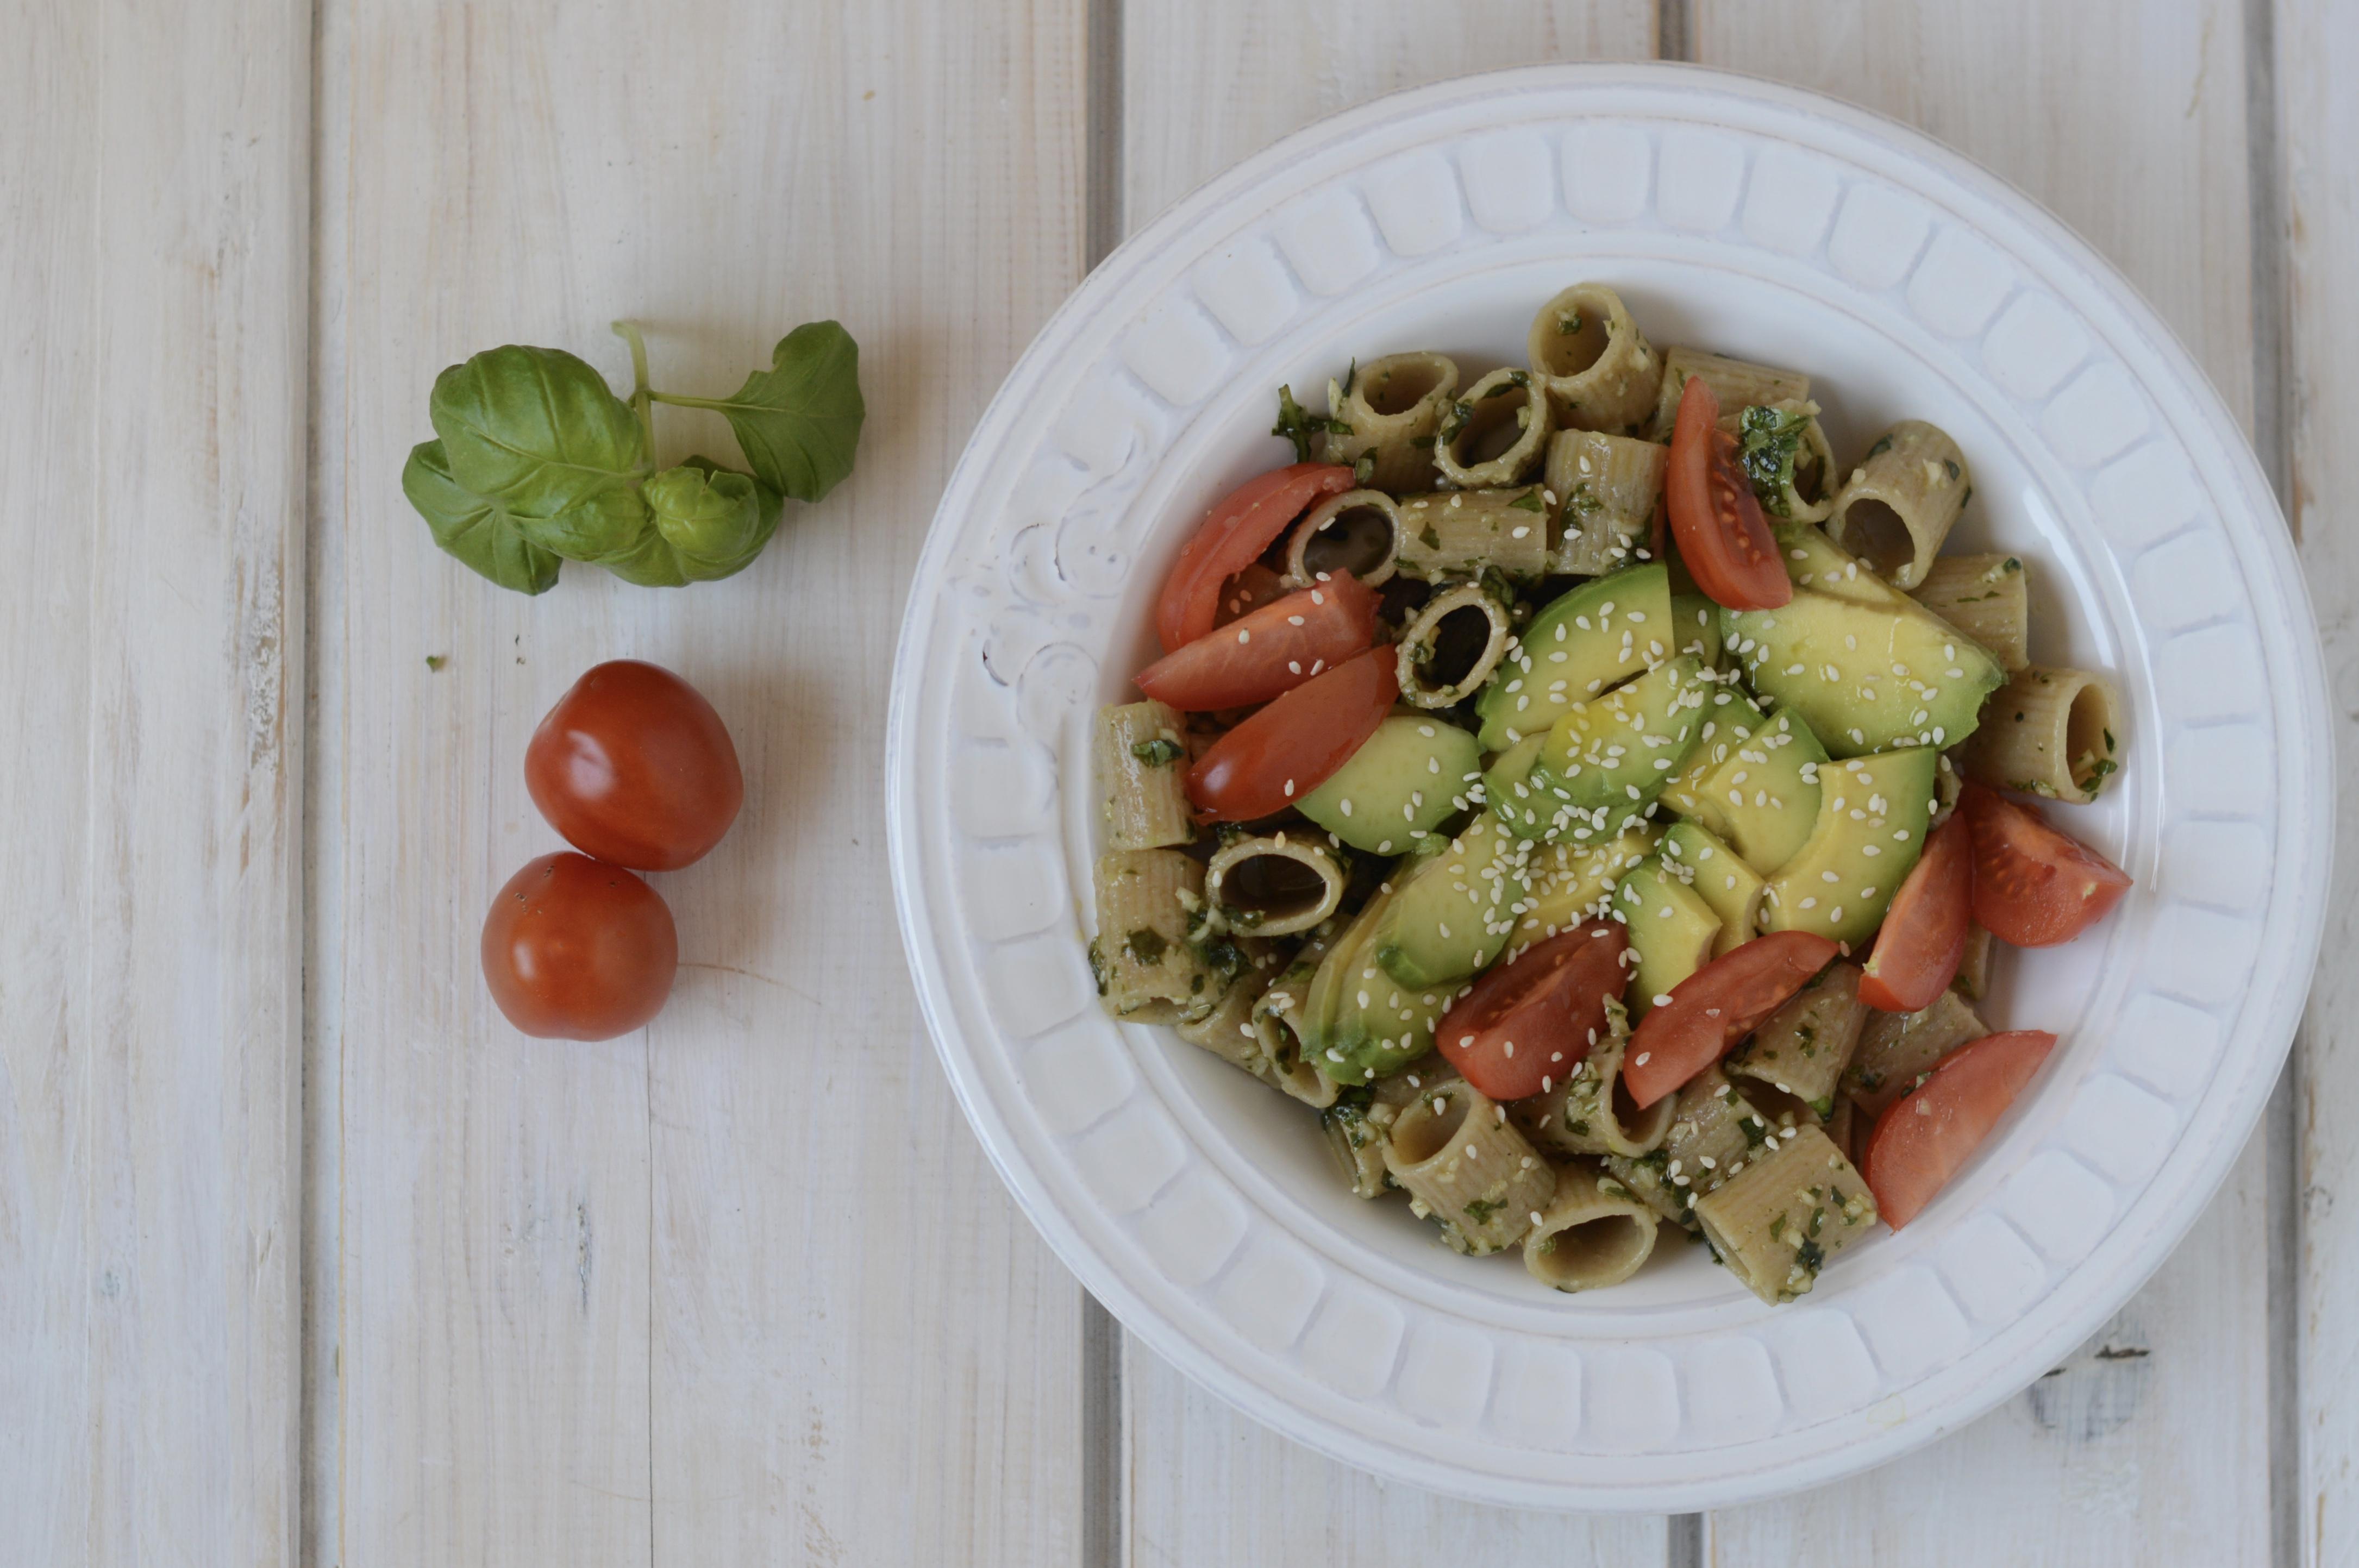 Mezzi rigatoni con pesto di mandorle, avocado e pomodori